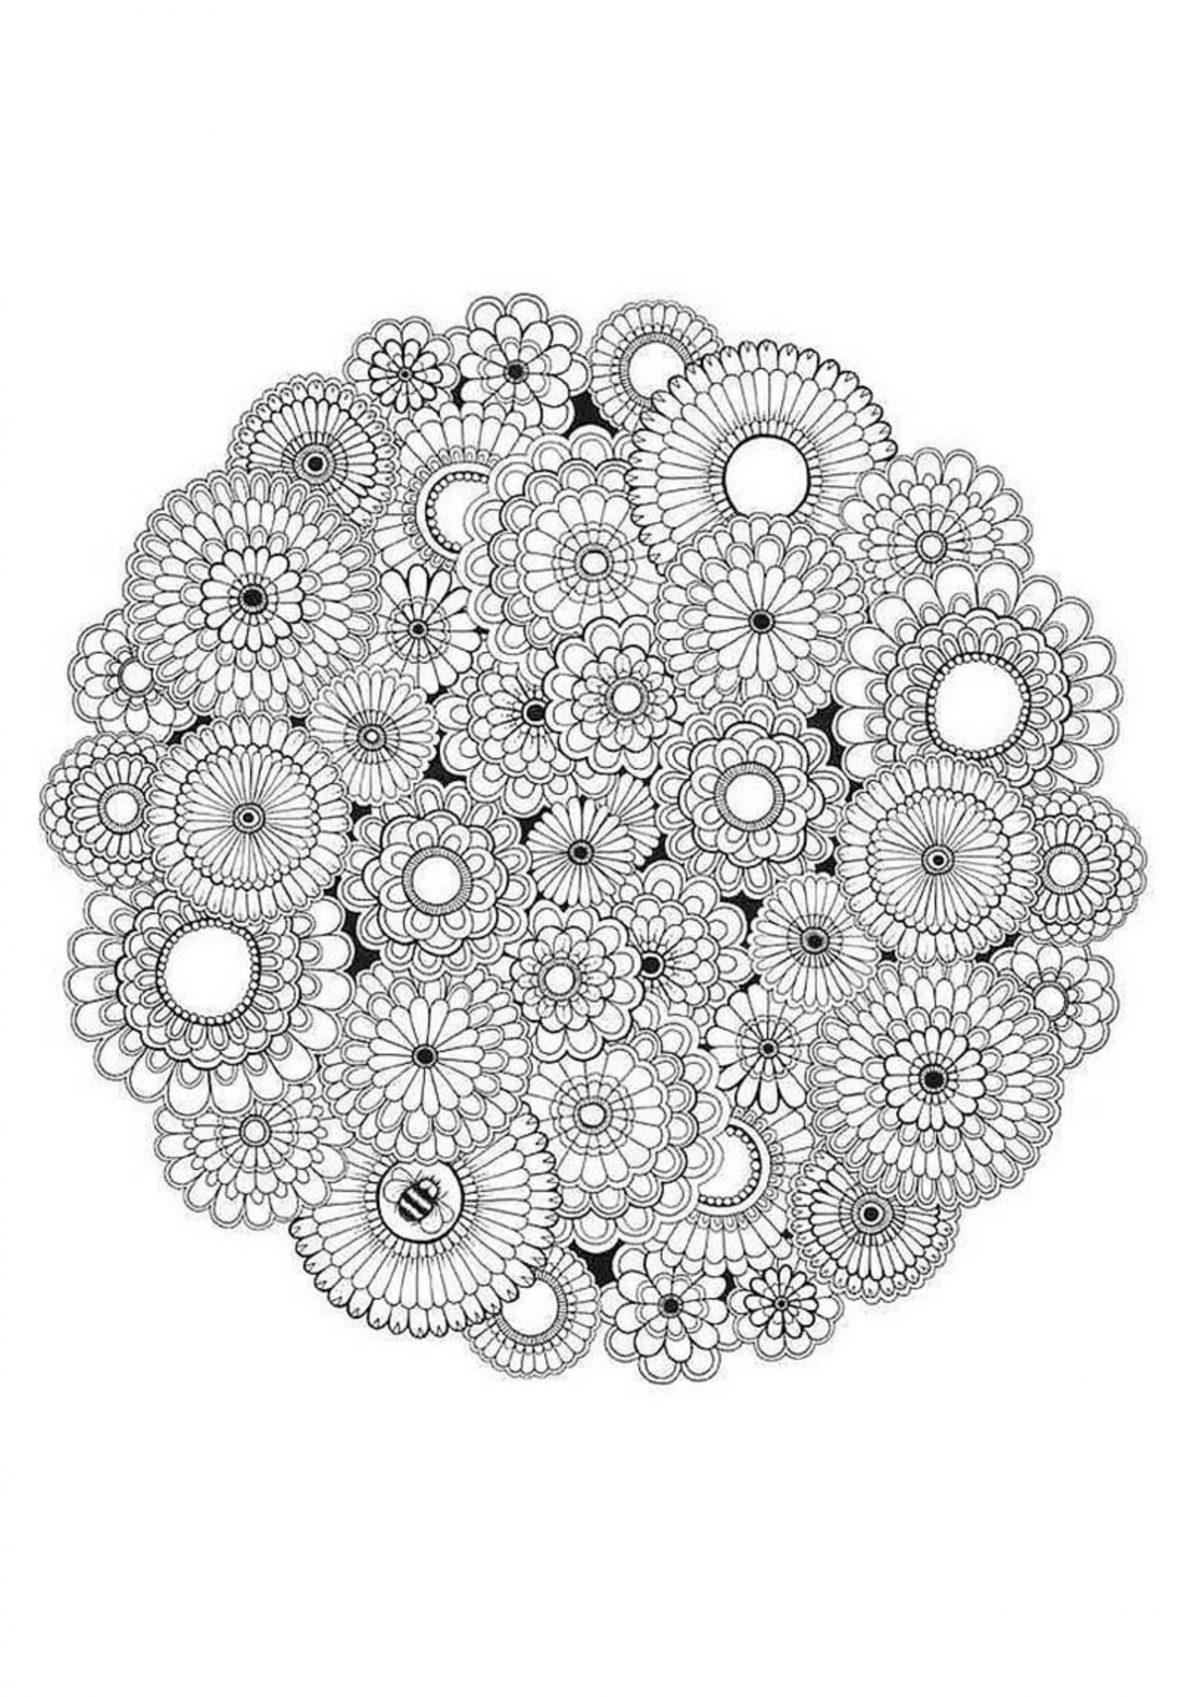 """Раскраска """" Круги в круге"""" - Раскраски А4 формата для ..."""